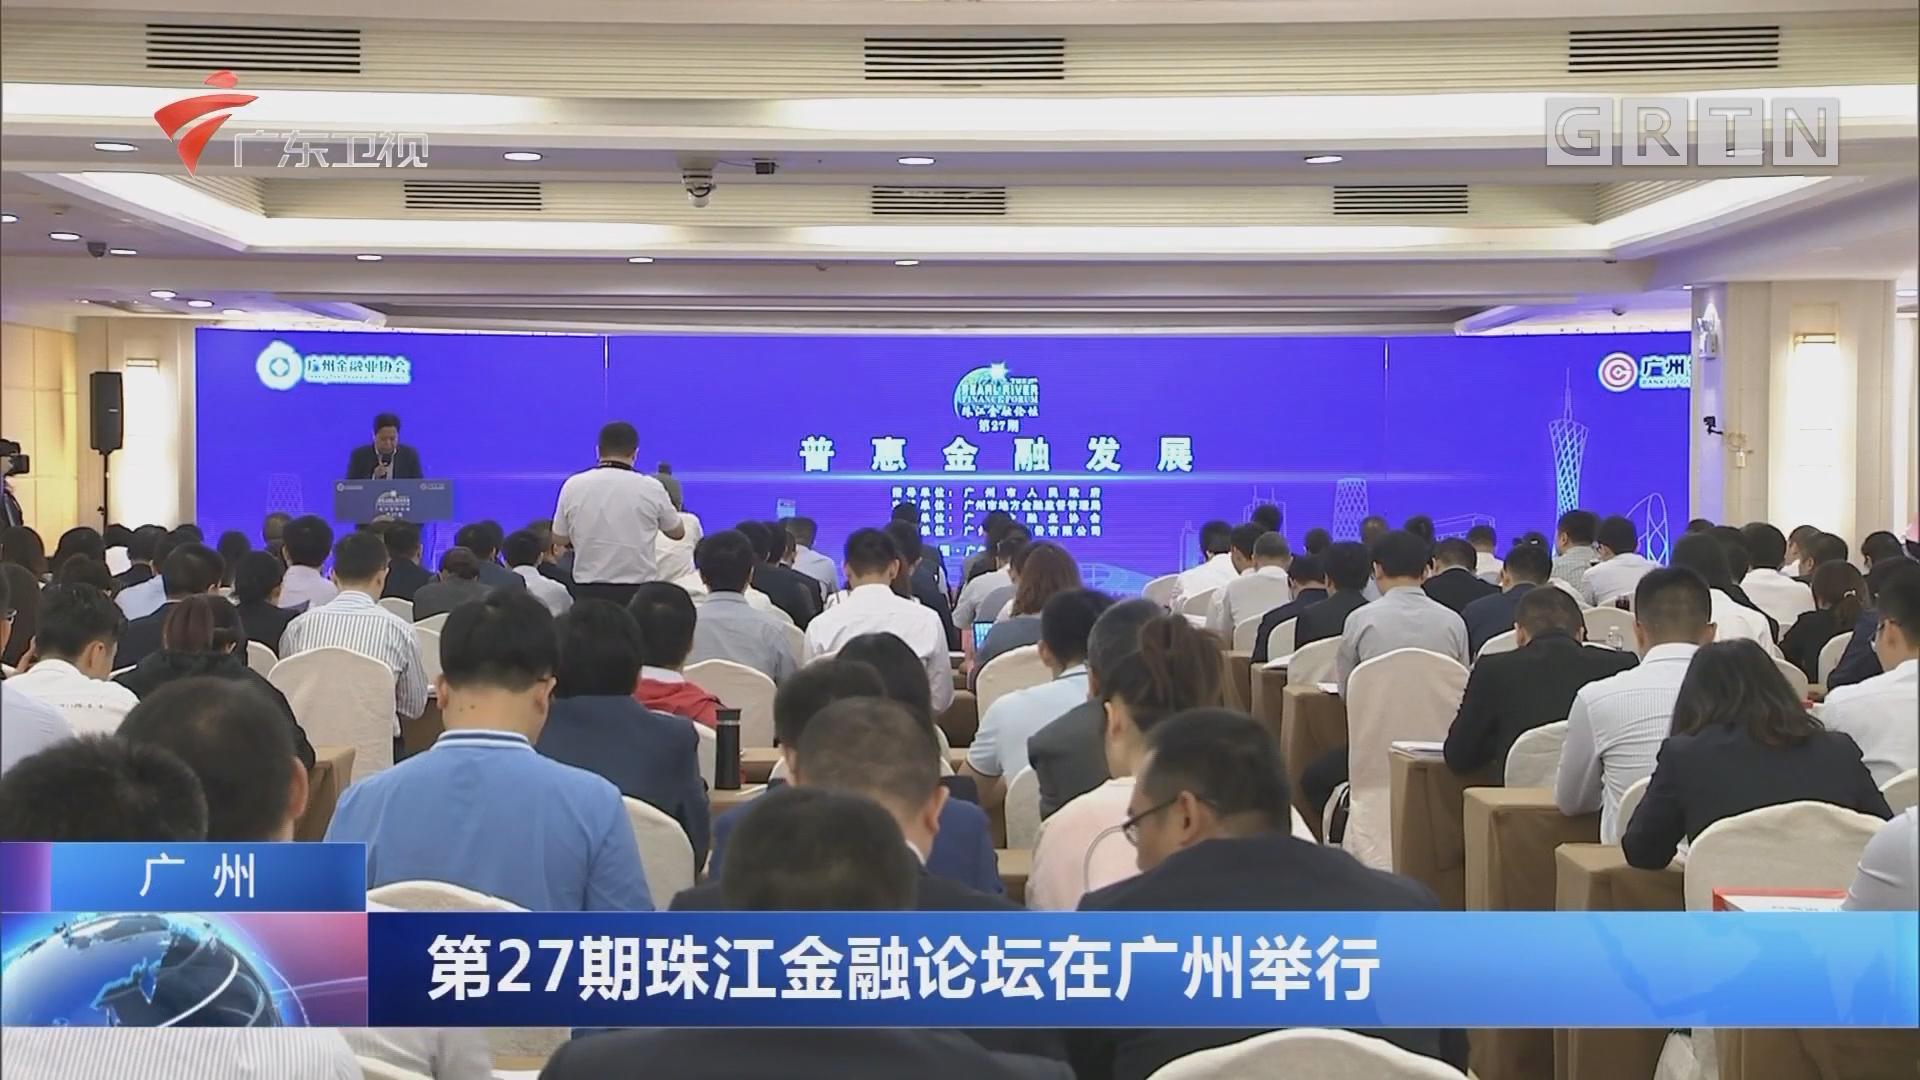 广州:第27期珠江金融论坛在广州举行